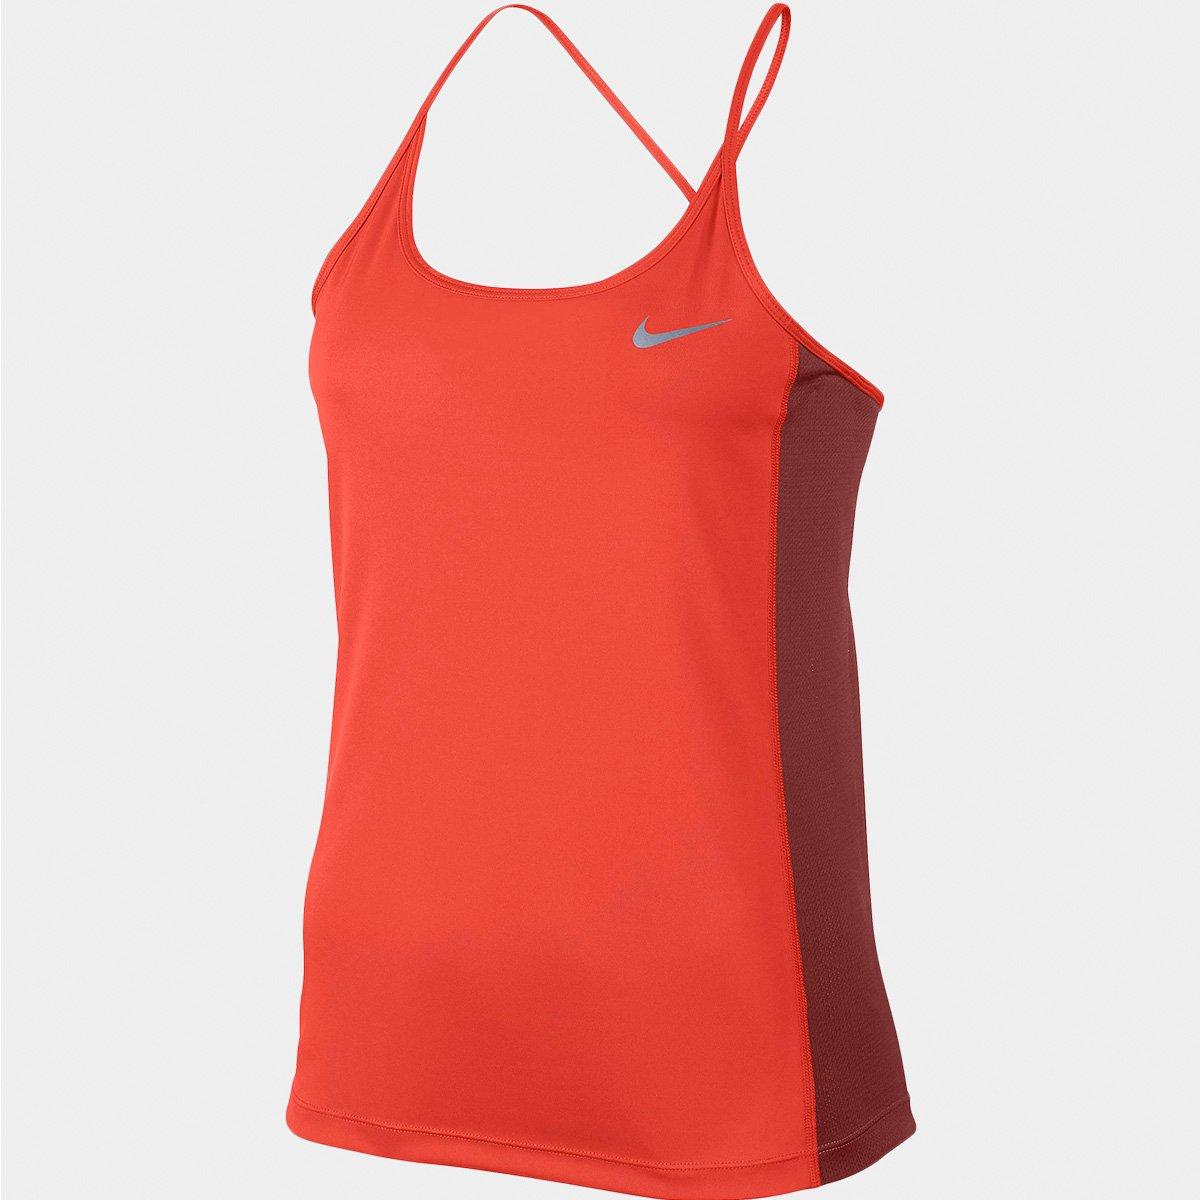 Regata Nike Dri-Fit Miler Feminina - Compre Agora  8d33d713201